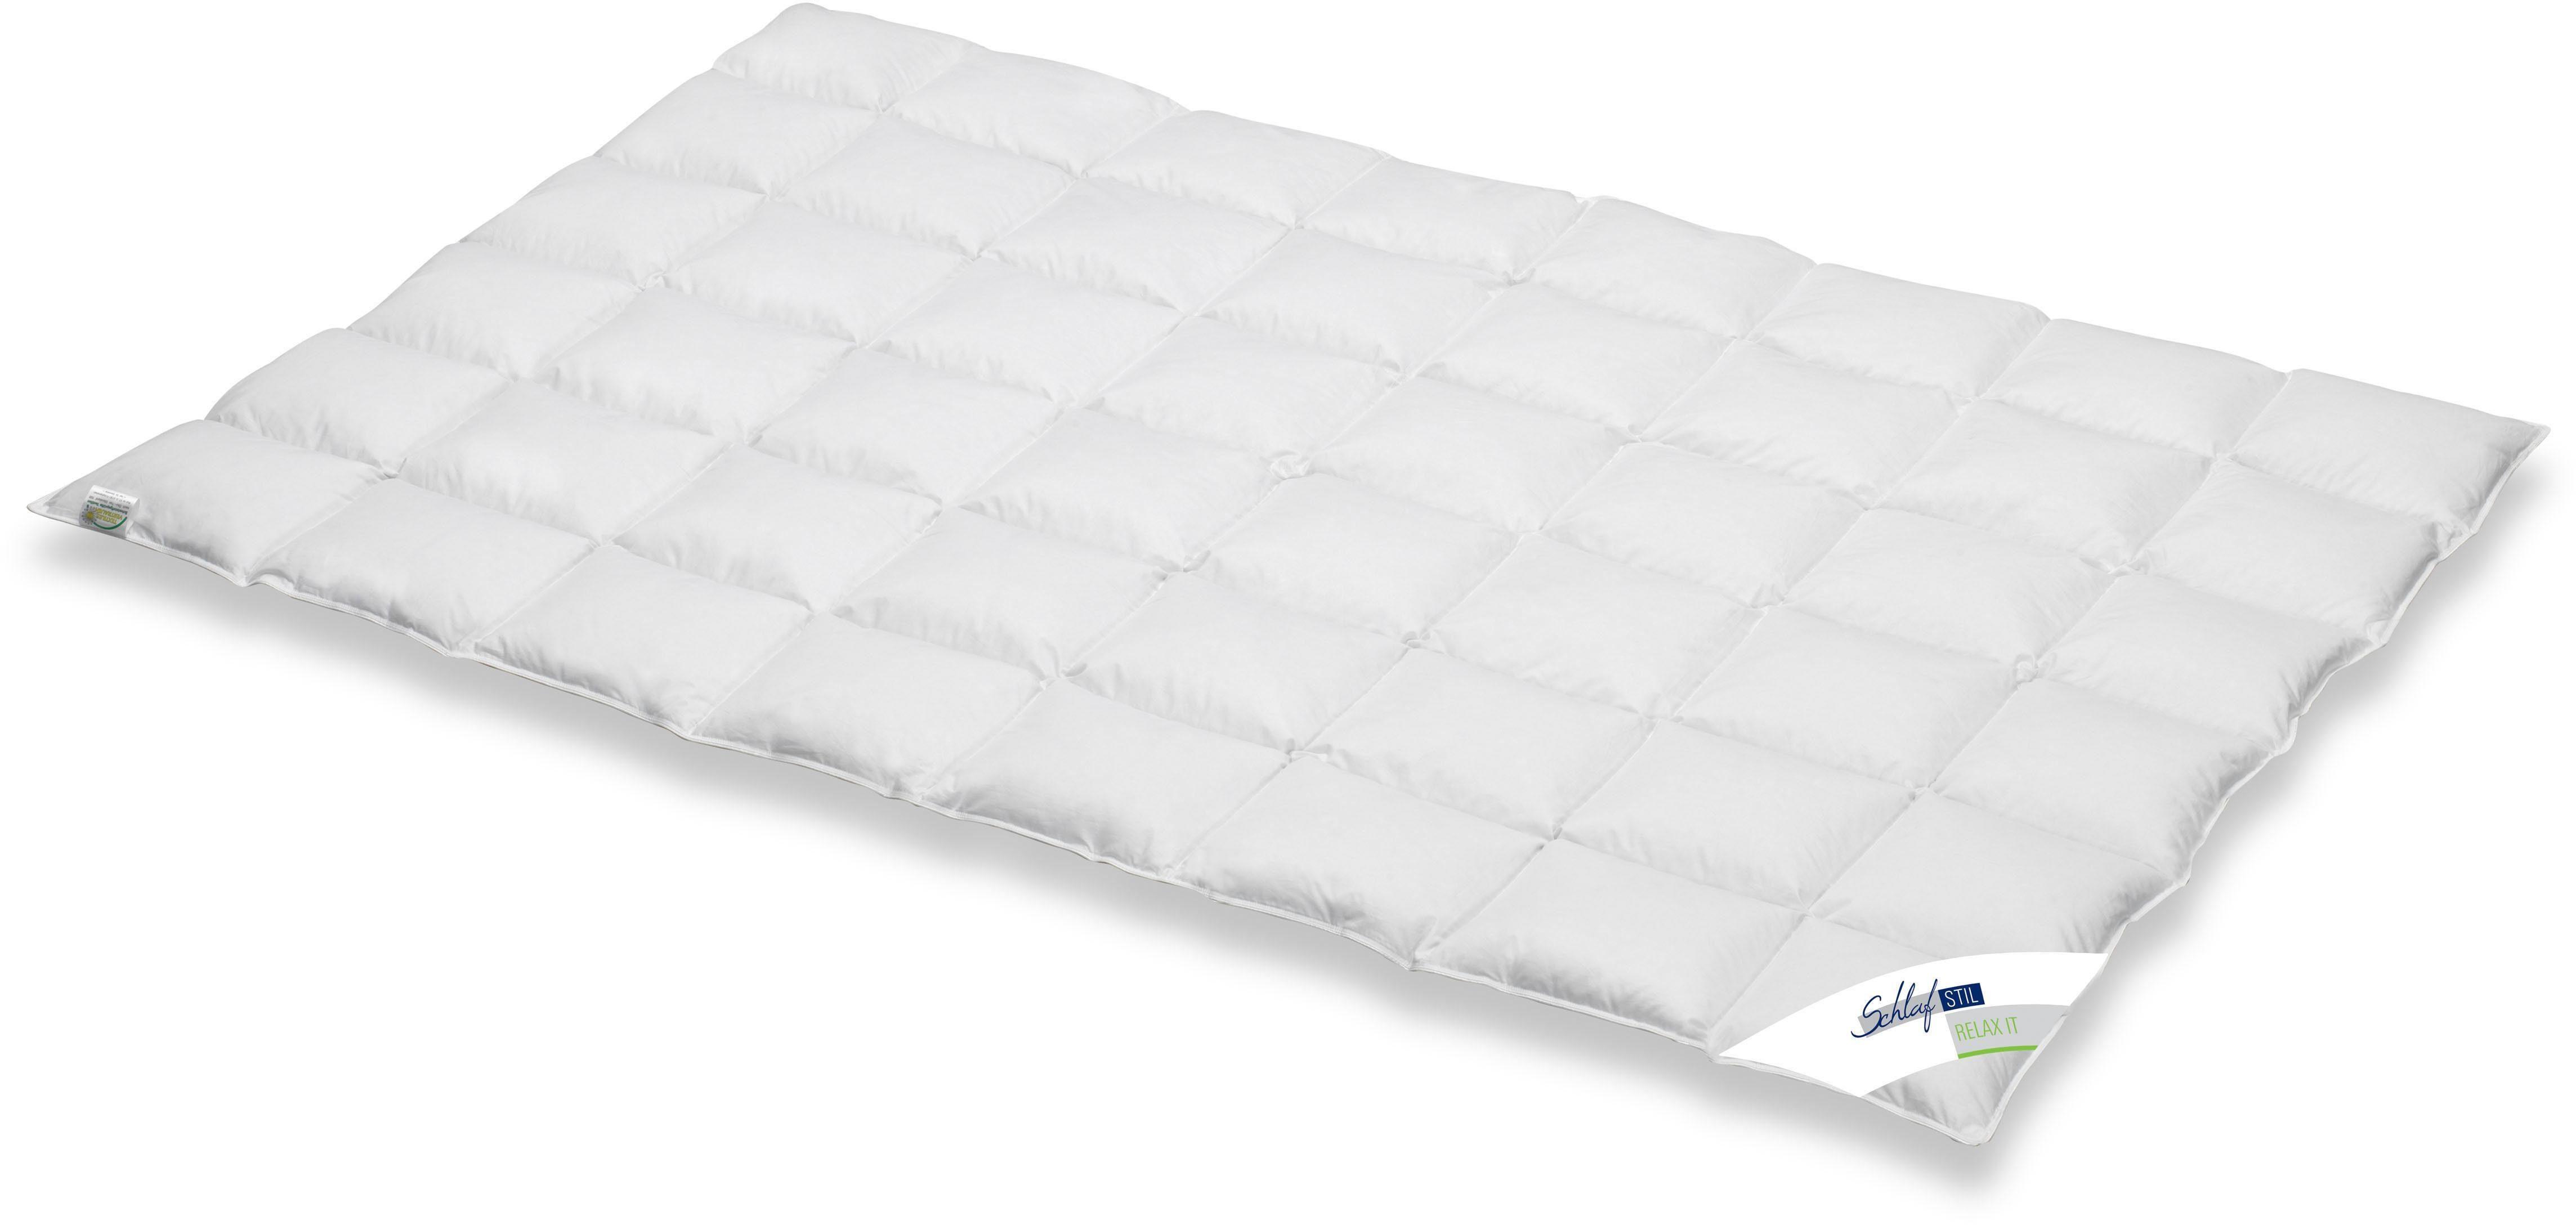 Daunenbettdecke, »Relax It«, Schlafstil, leicht, Füllung: 60% Daunen, 40% Federn, Bezug: 100% Baumwolle, (1-tlg)